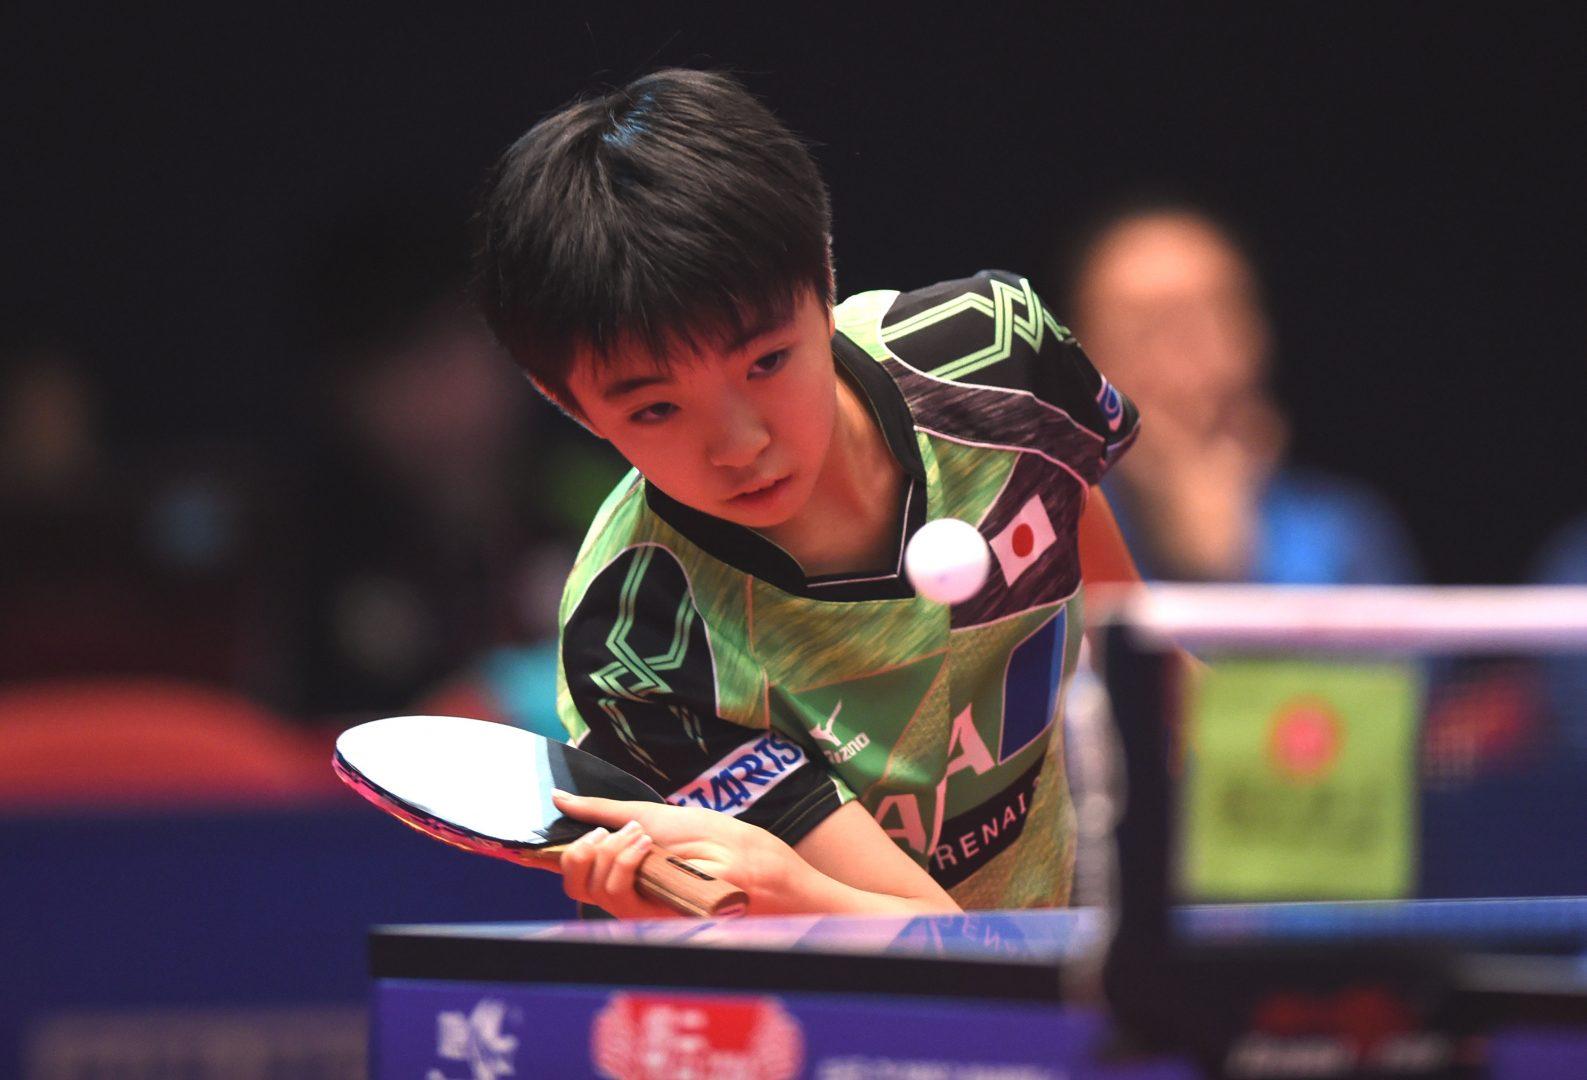 12歳の新星がシニアを圧倒 快調な滑り出し【ITTFチャレンジ・タイオープン結果】